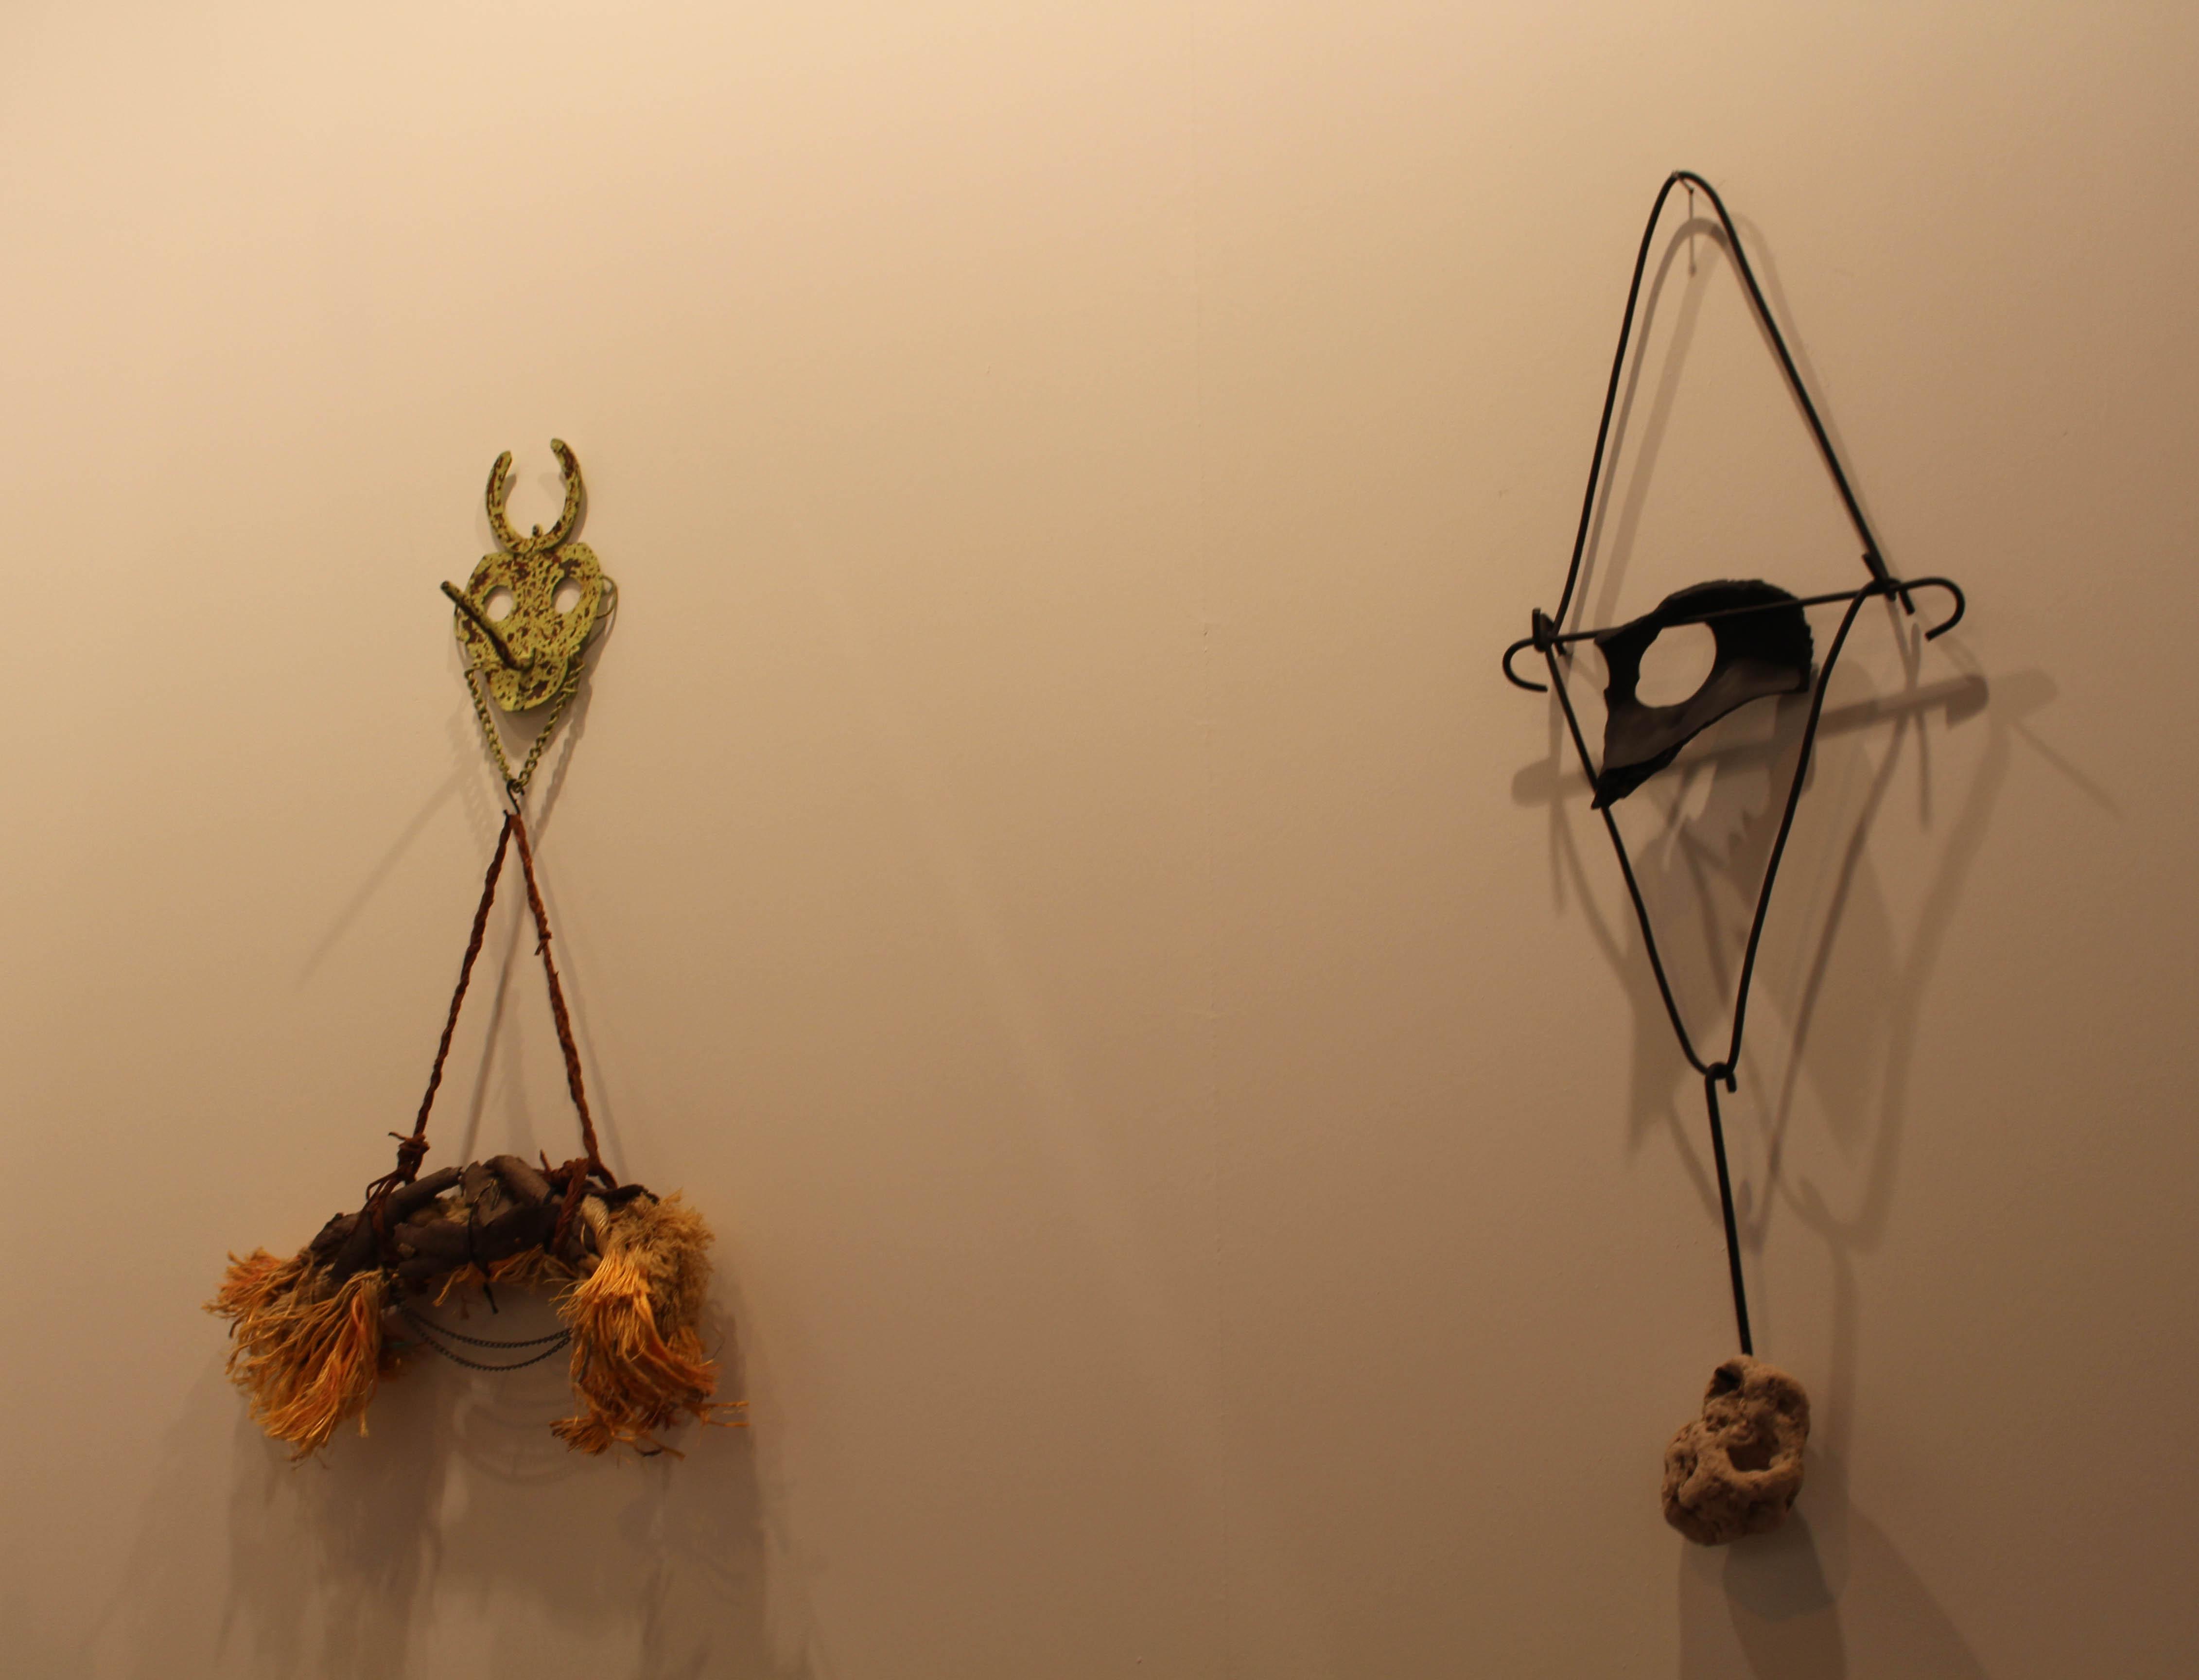 El indigenismo también está presente en la obra de los artistas argentinos